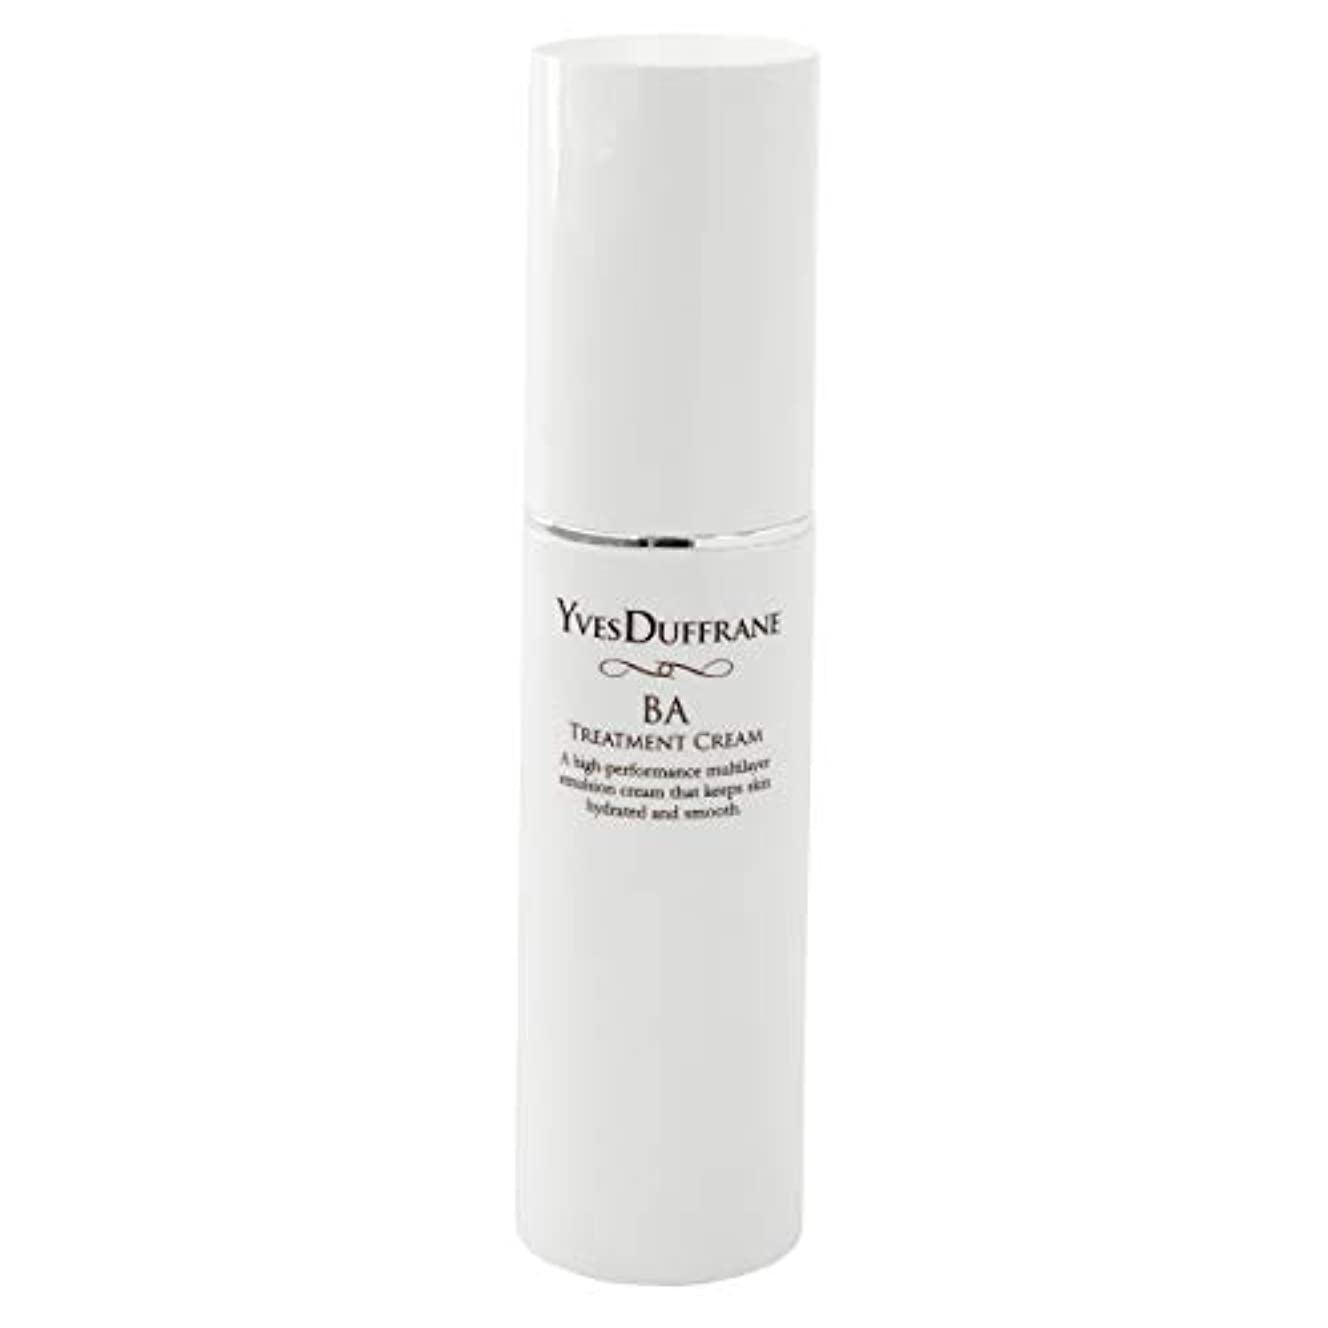 十億ブローホール生き物セラミド 美容クリーム [BAトリートメント クリーム ] 顔 目元 敏感肌 保湿 セラミド ビタミンC誘導体 バイオアンテージ配合